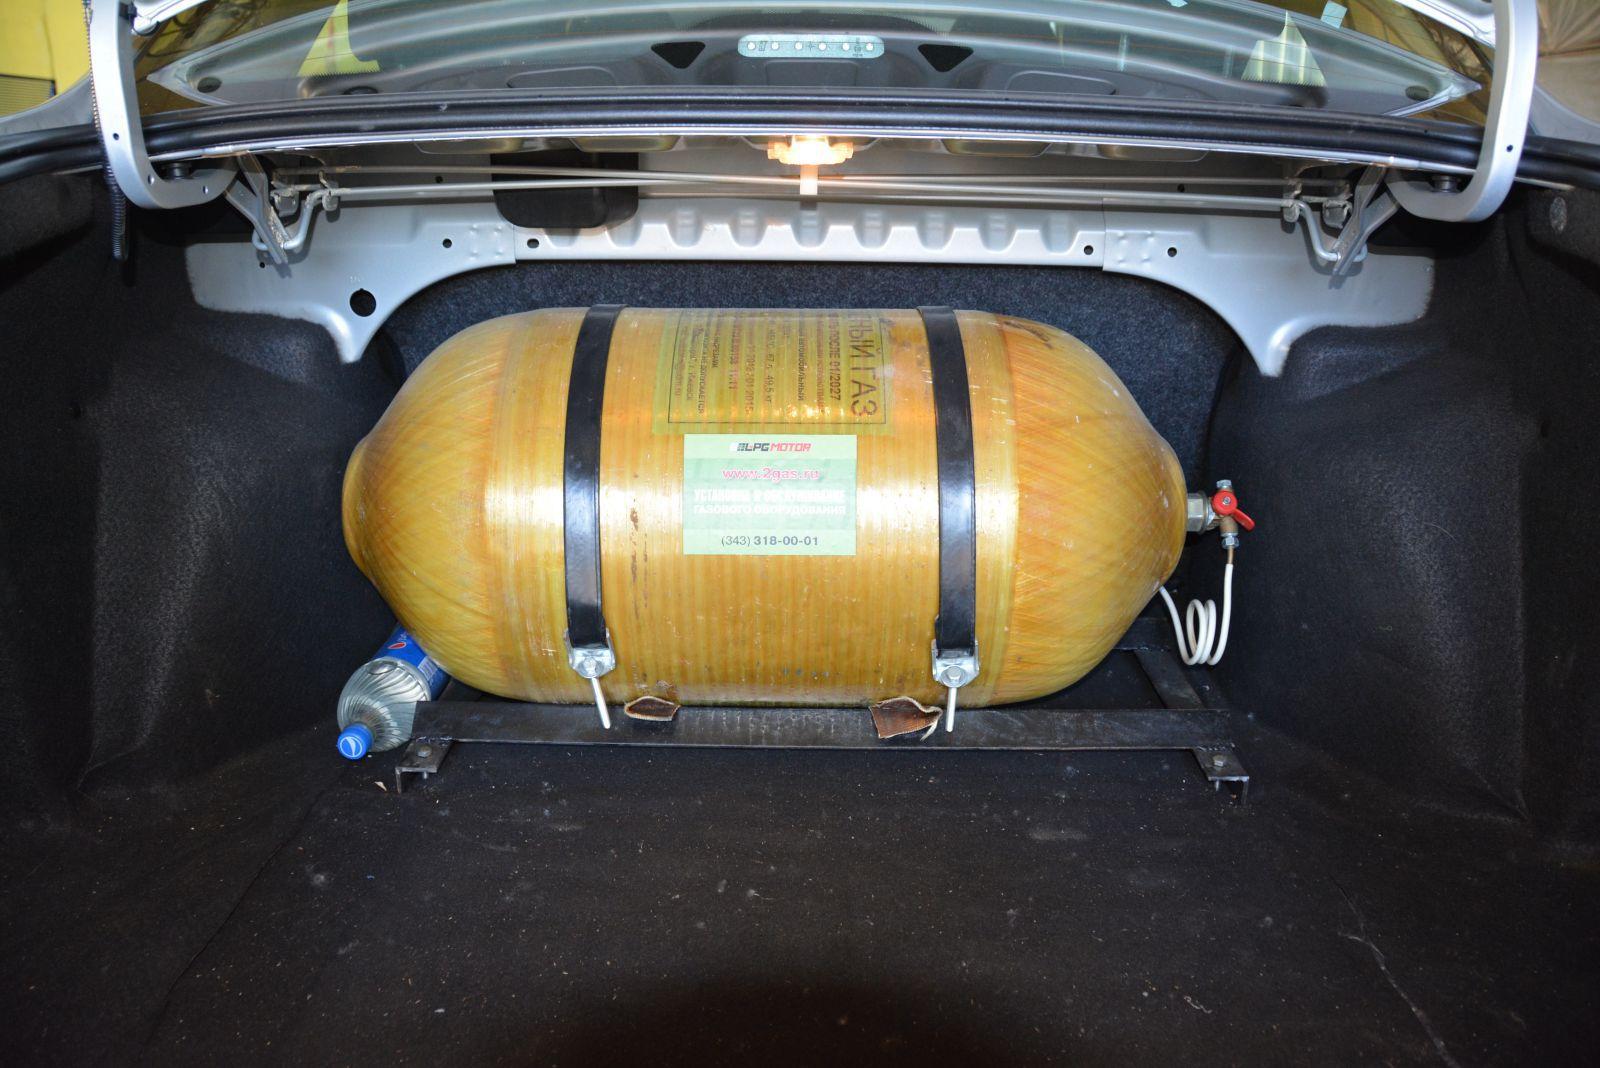 Металлокомпозитный баллон на 67литров состоит из бесшовного алюминиевого лейнера с оболочкой из композиционного материала по всей поверхности лейнера (тип 3 по ГОСТ Р 51753). Коррозионно устойчивый алюминиевый сплав лейнера позволяет хранить в баллонах под давлением различные газообразные и жидкие среды